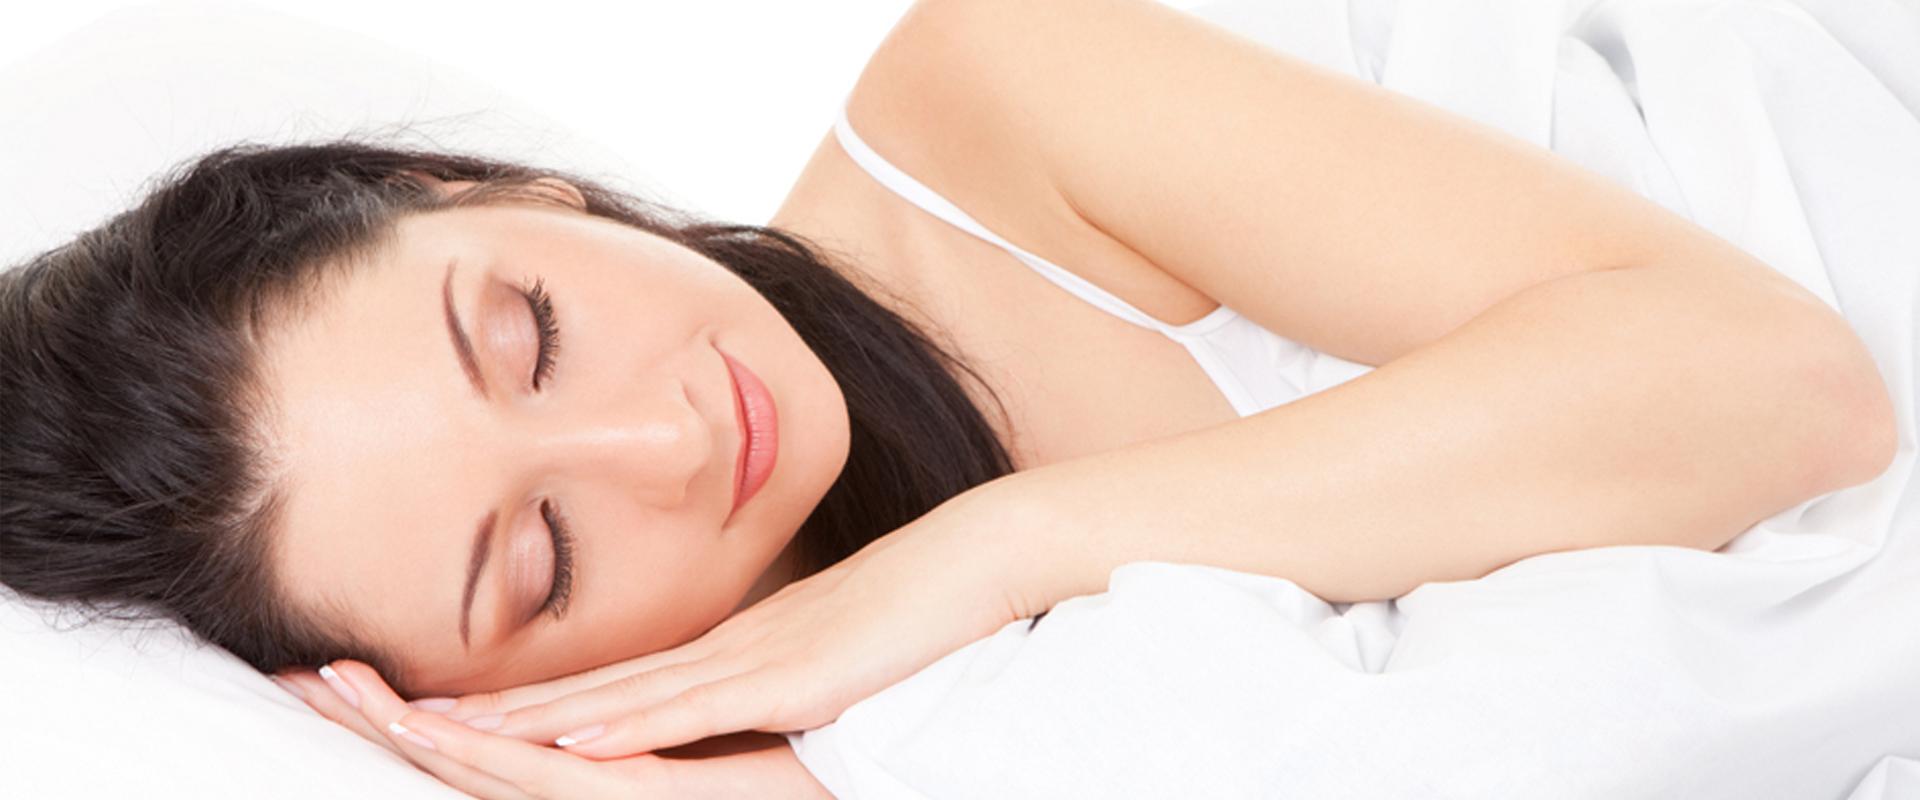 Trucos para lograr un buen descanso nocturno